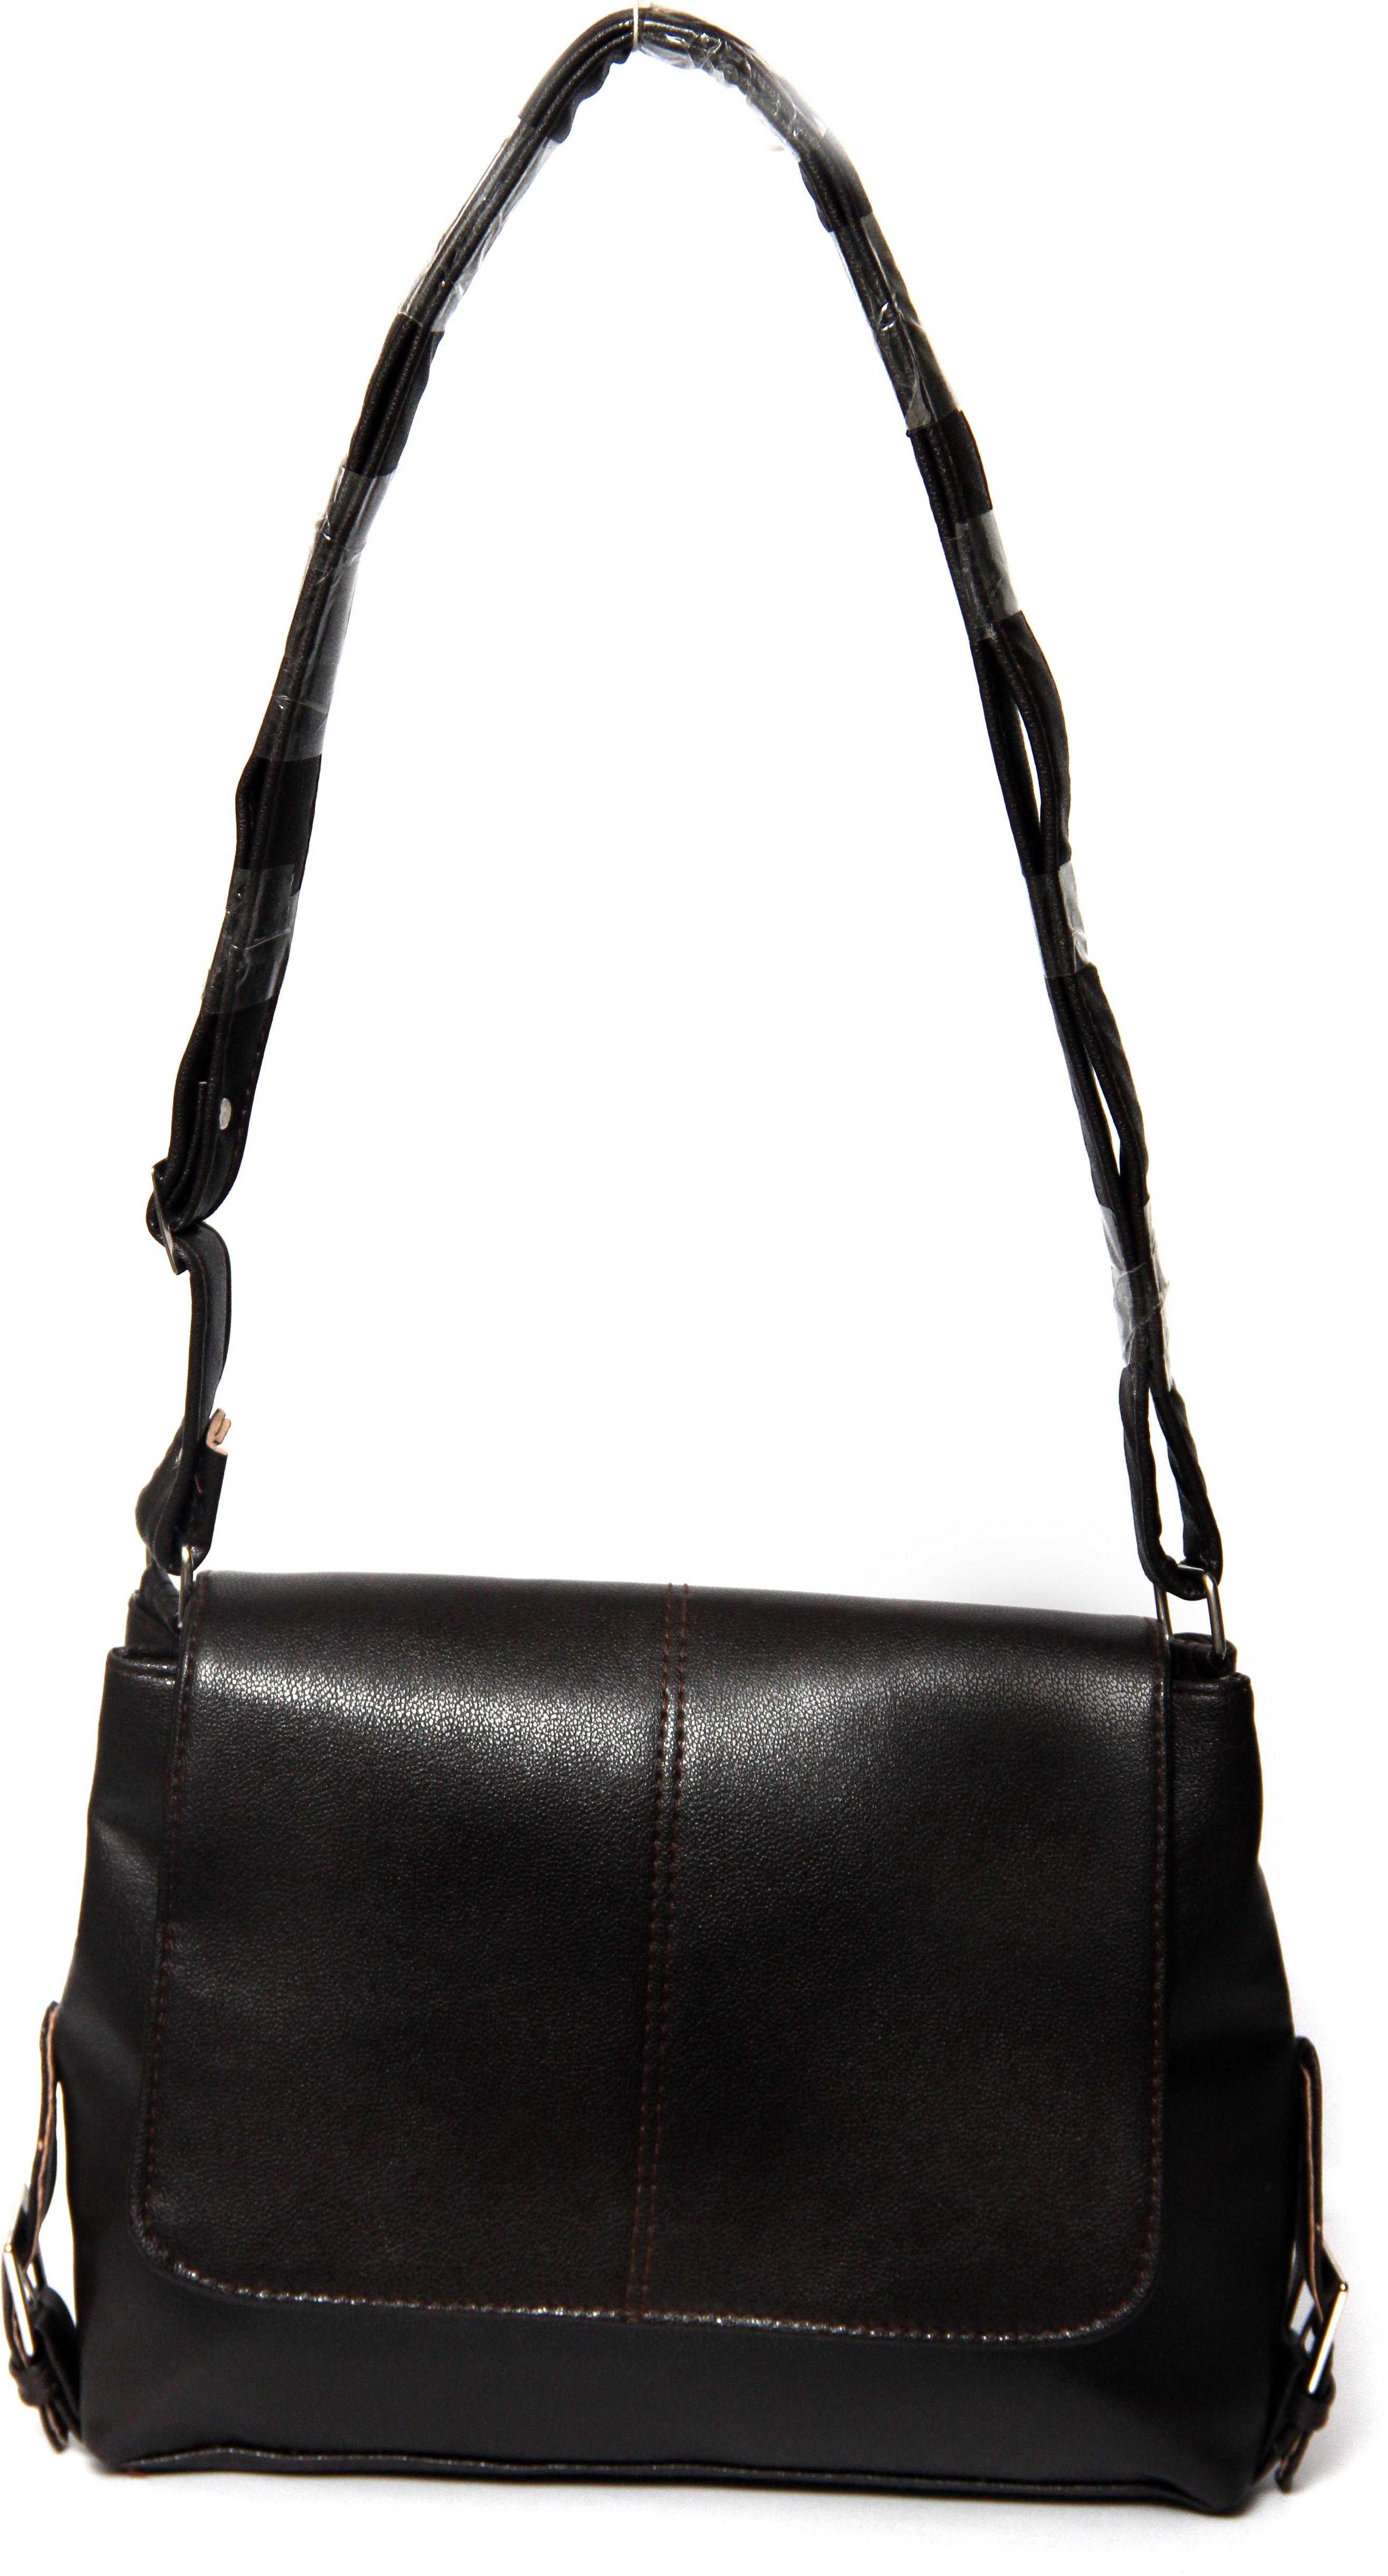 Borse Casual : Borse women casual brown pu sling bag price in